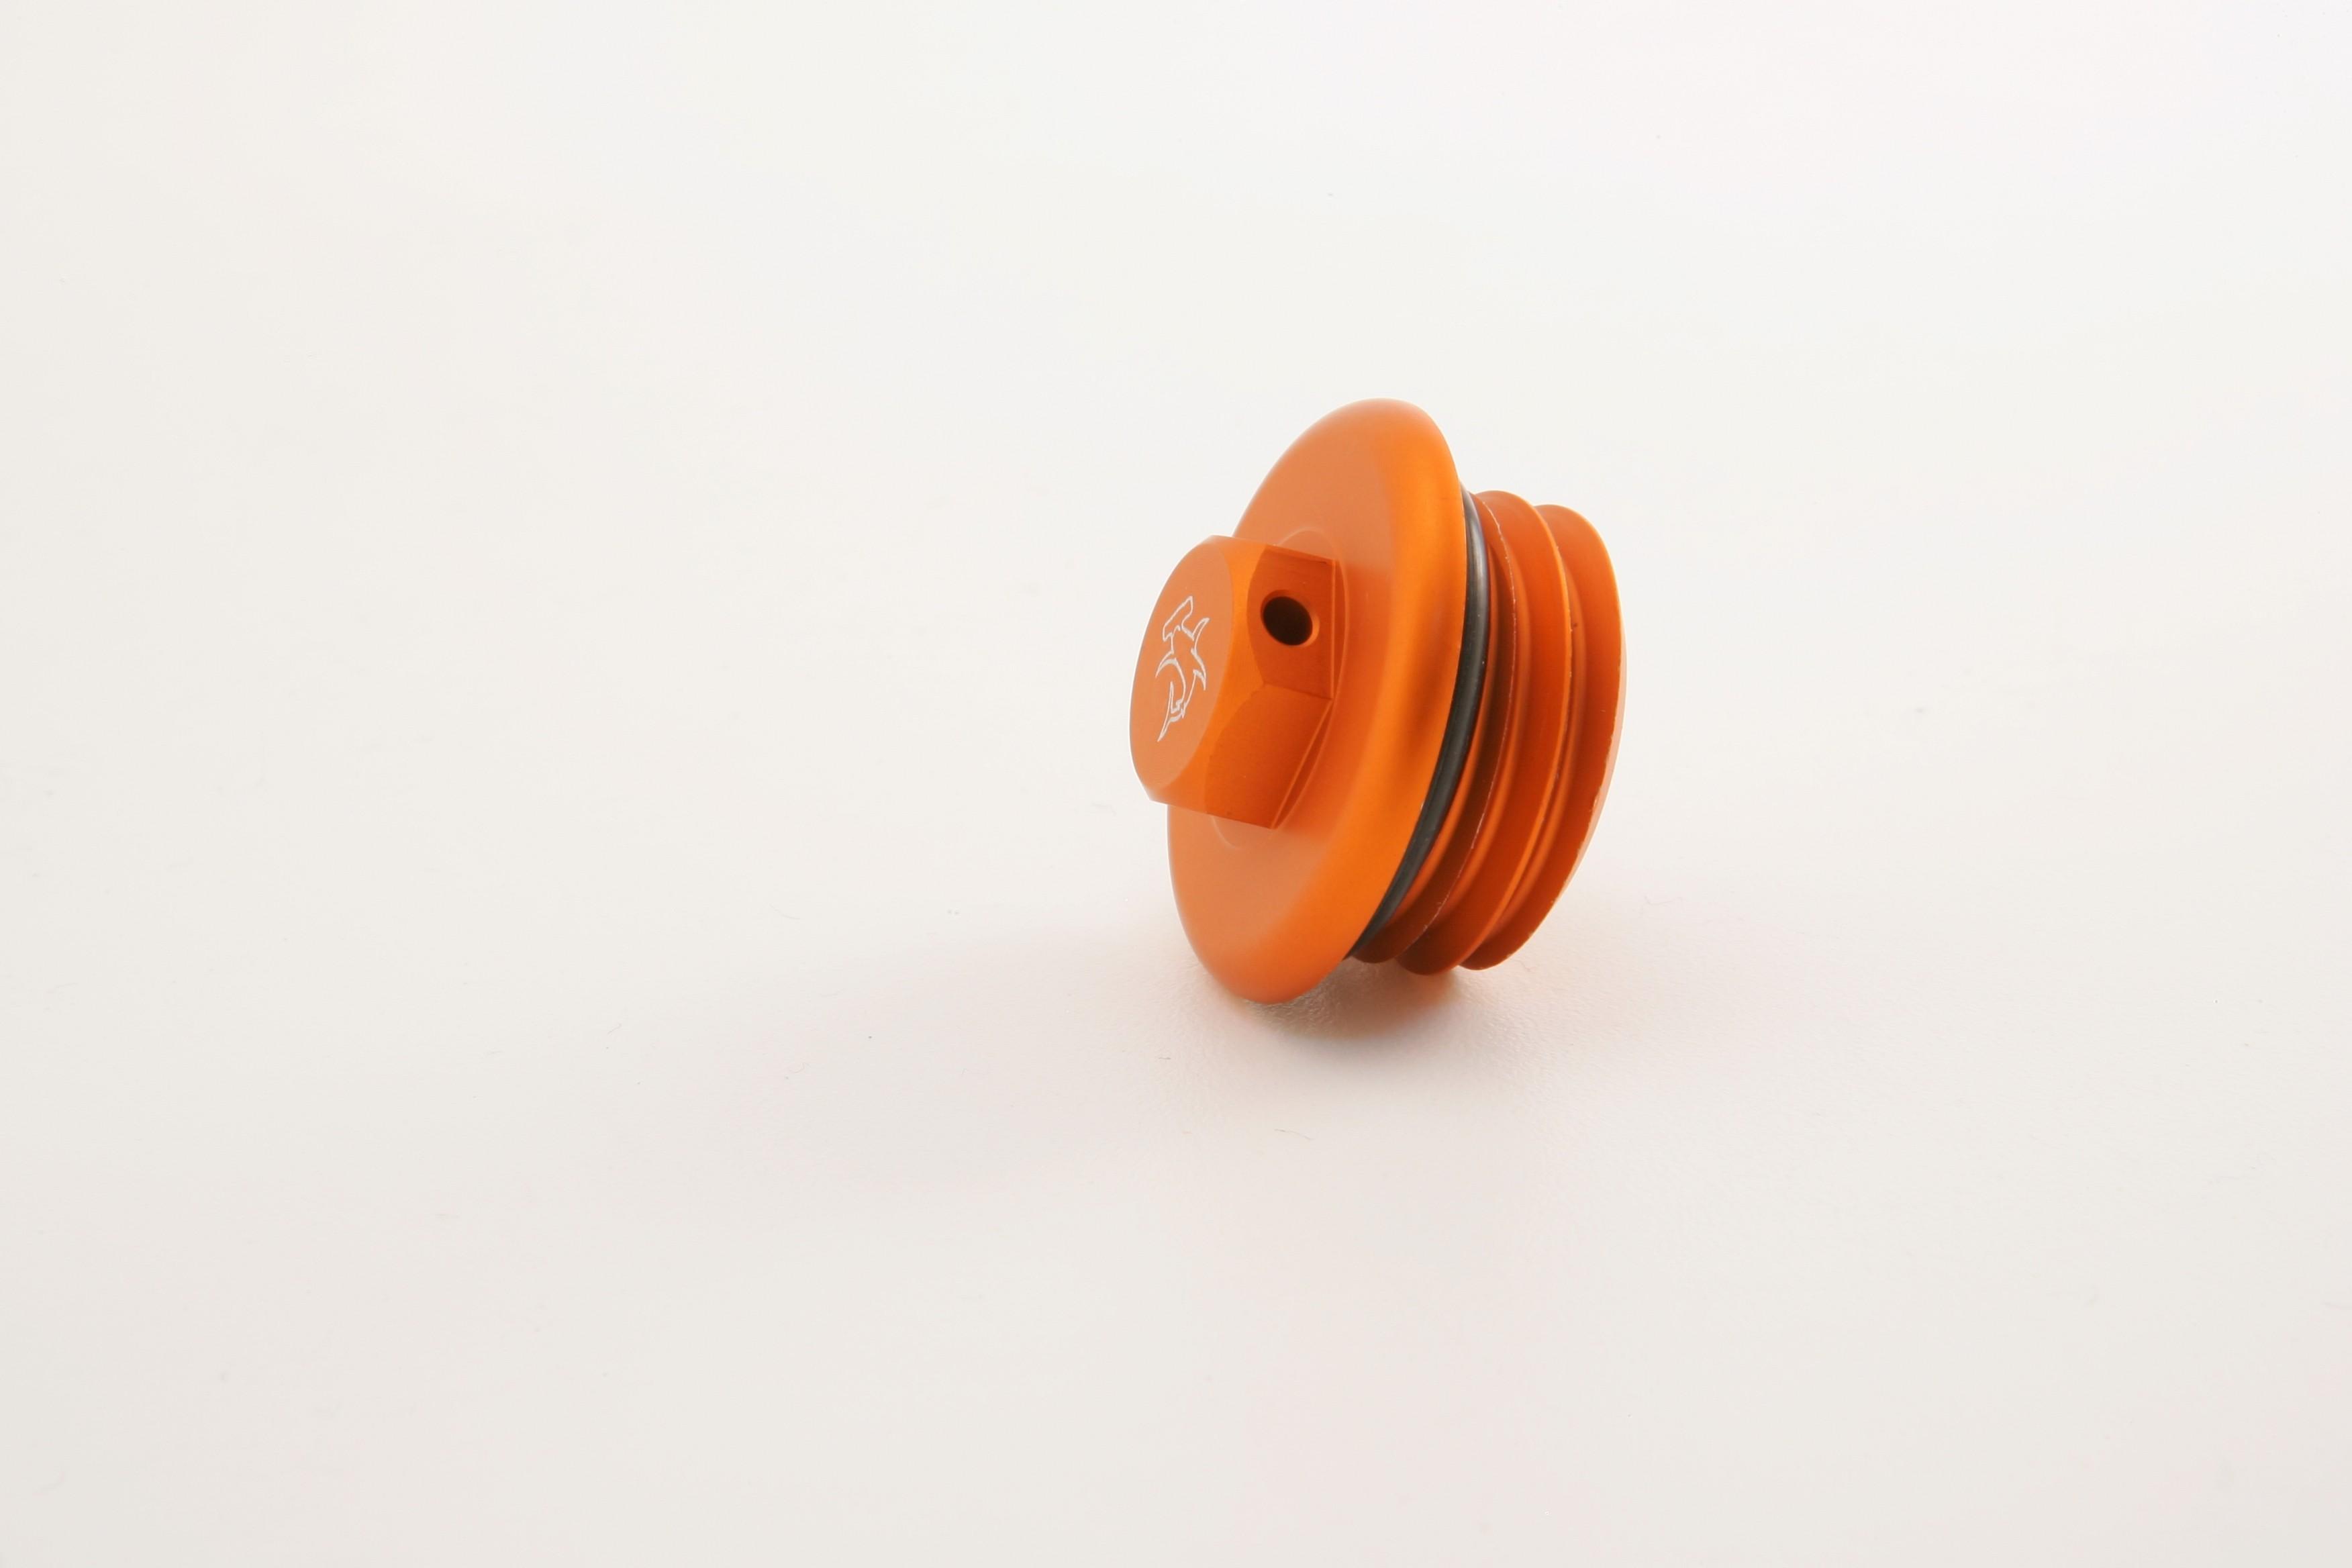 KTM Oil Filler Plug